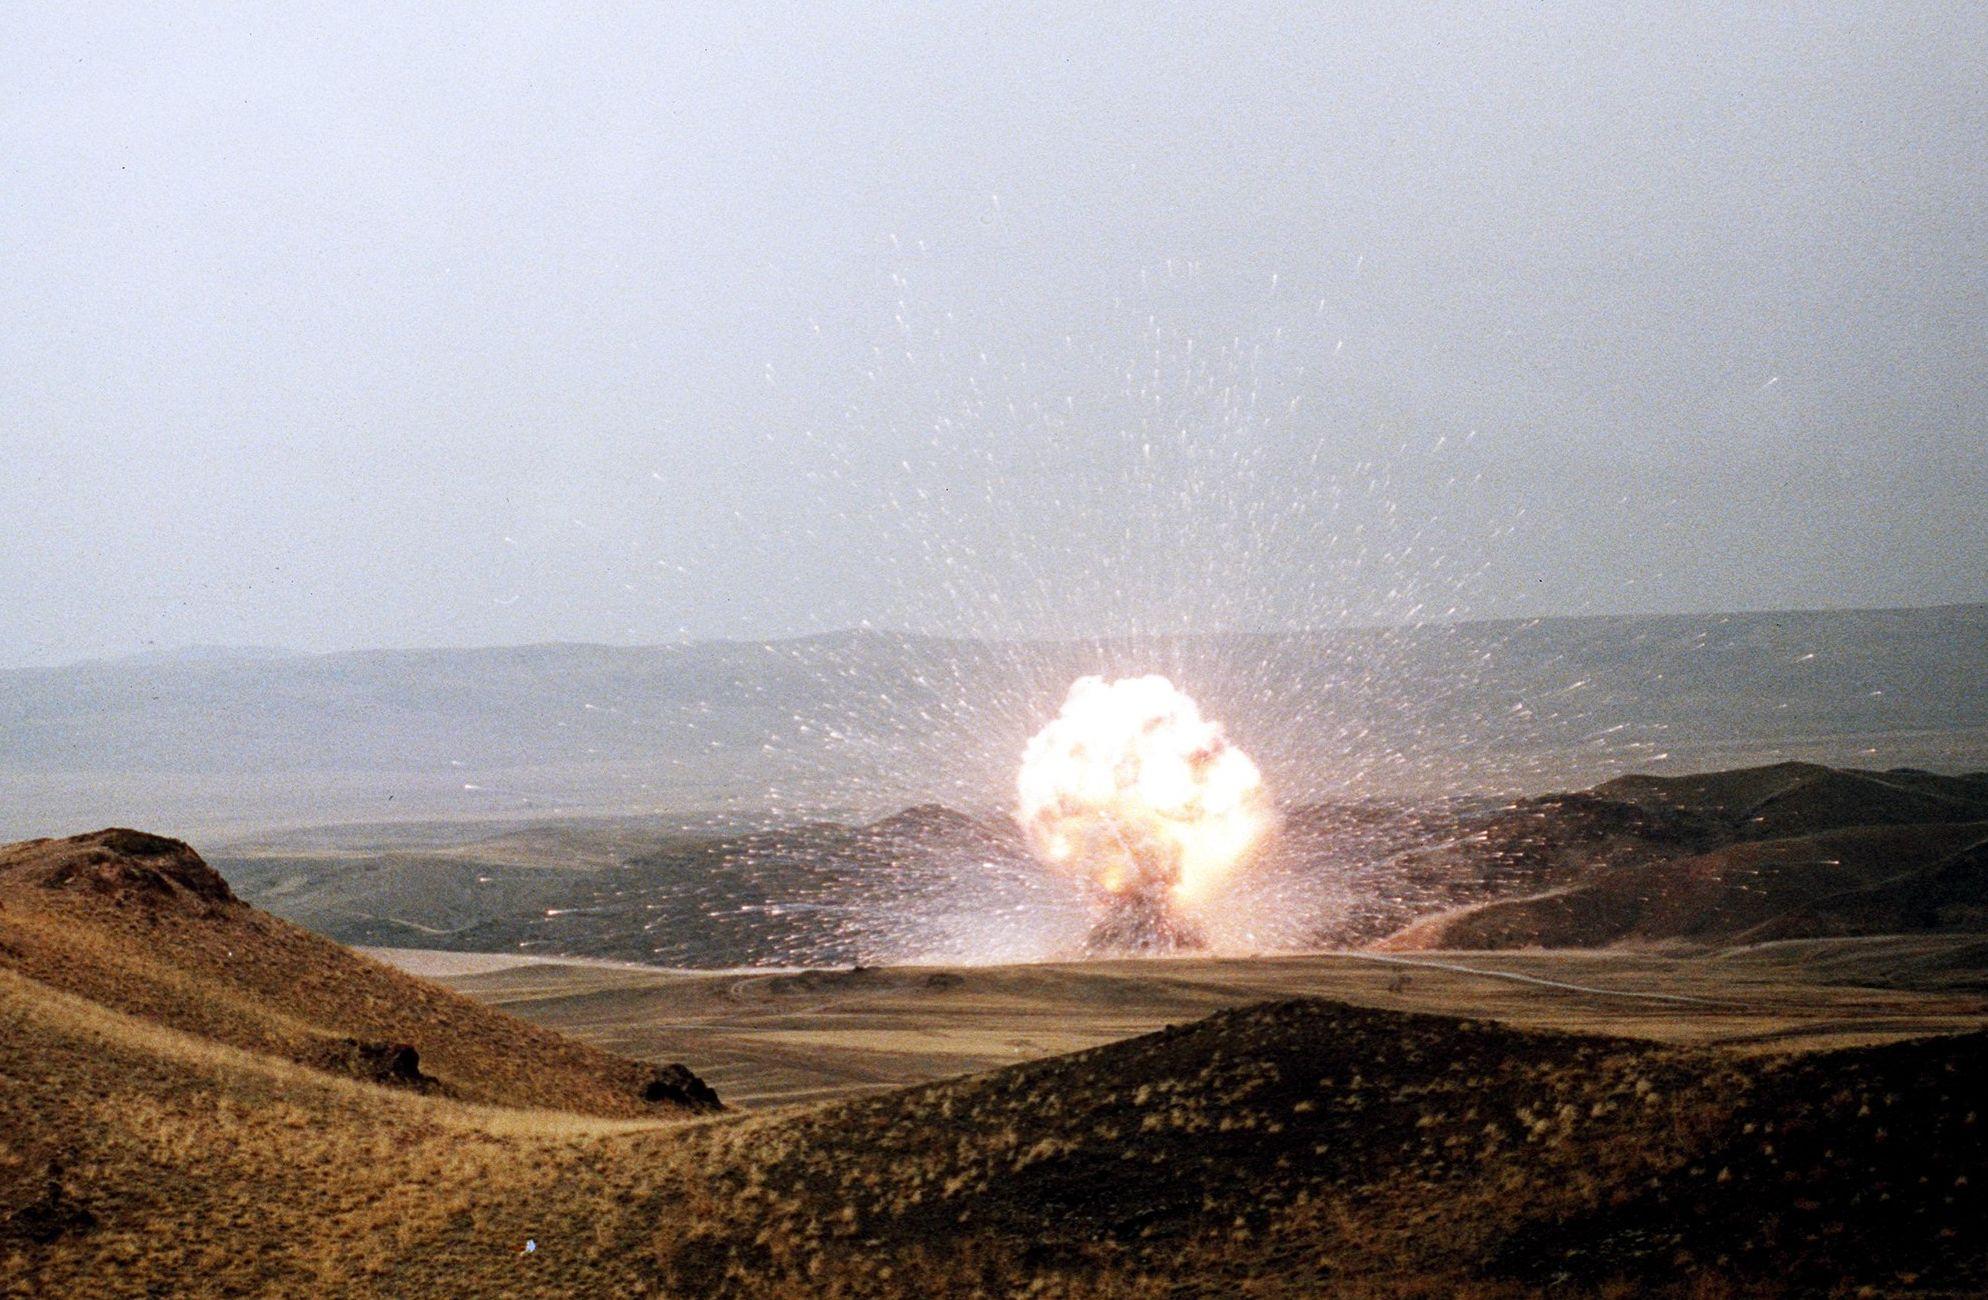 Destruição de míssil SS-23, o 957º e o último míssil soviético de curto alcance a ser destruído no âmbito do Tratado INF com os EUA